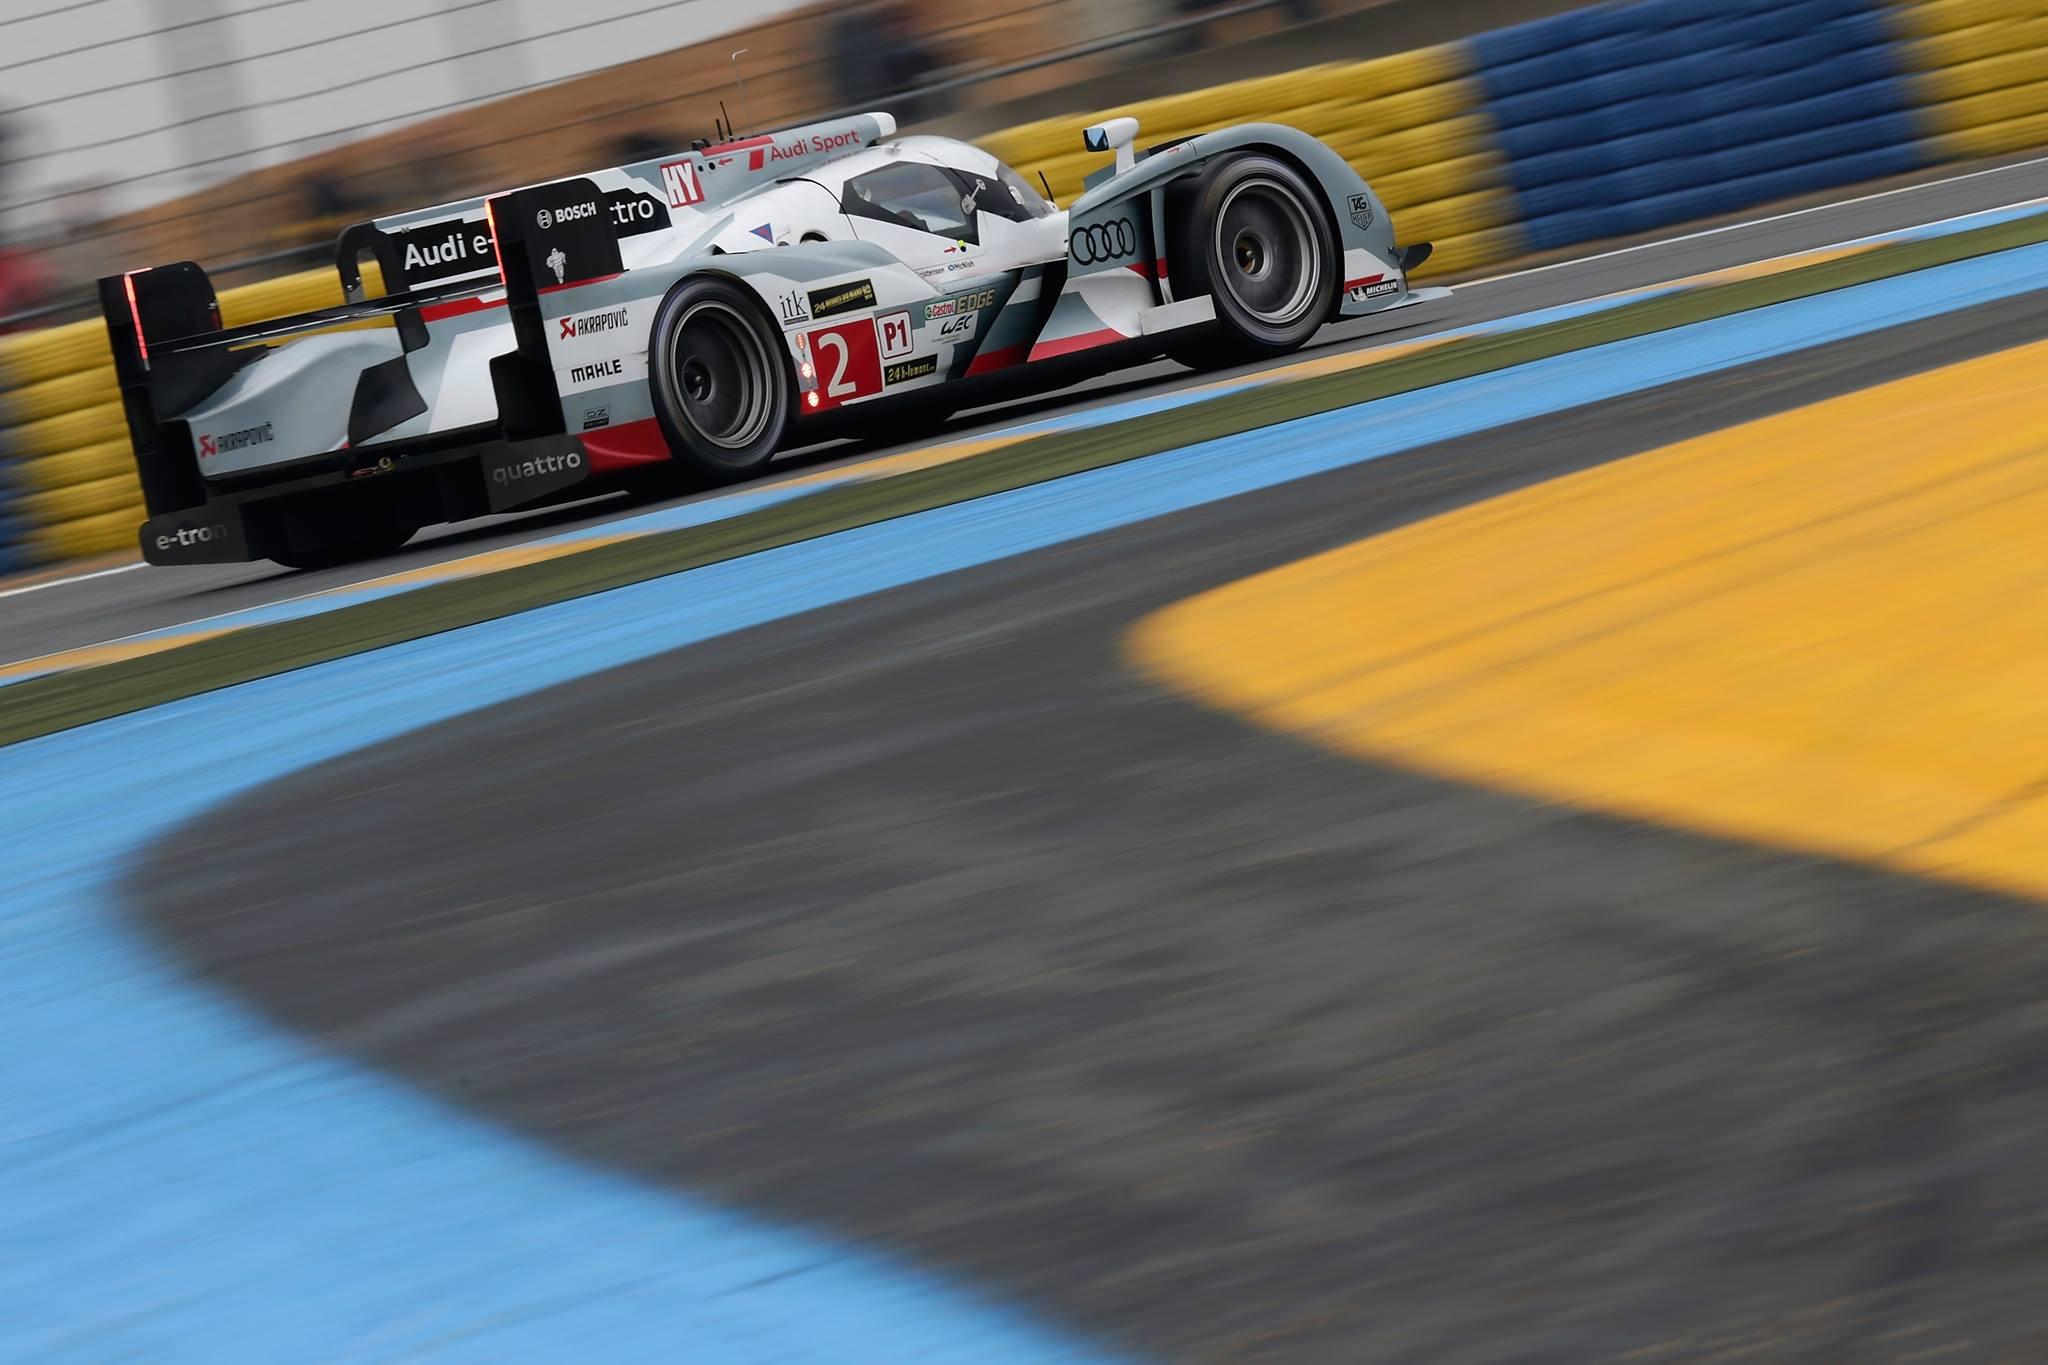 El Audi ganador apenas sufrió una pinchadura en carrera y punteó en las últimas 16 horas?